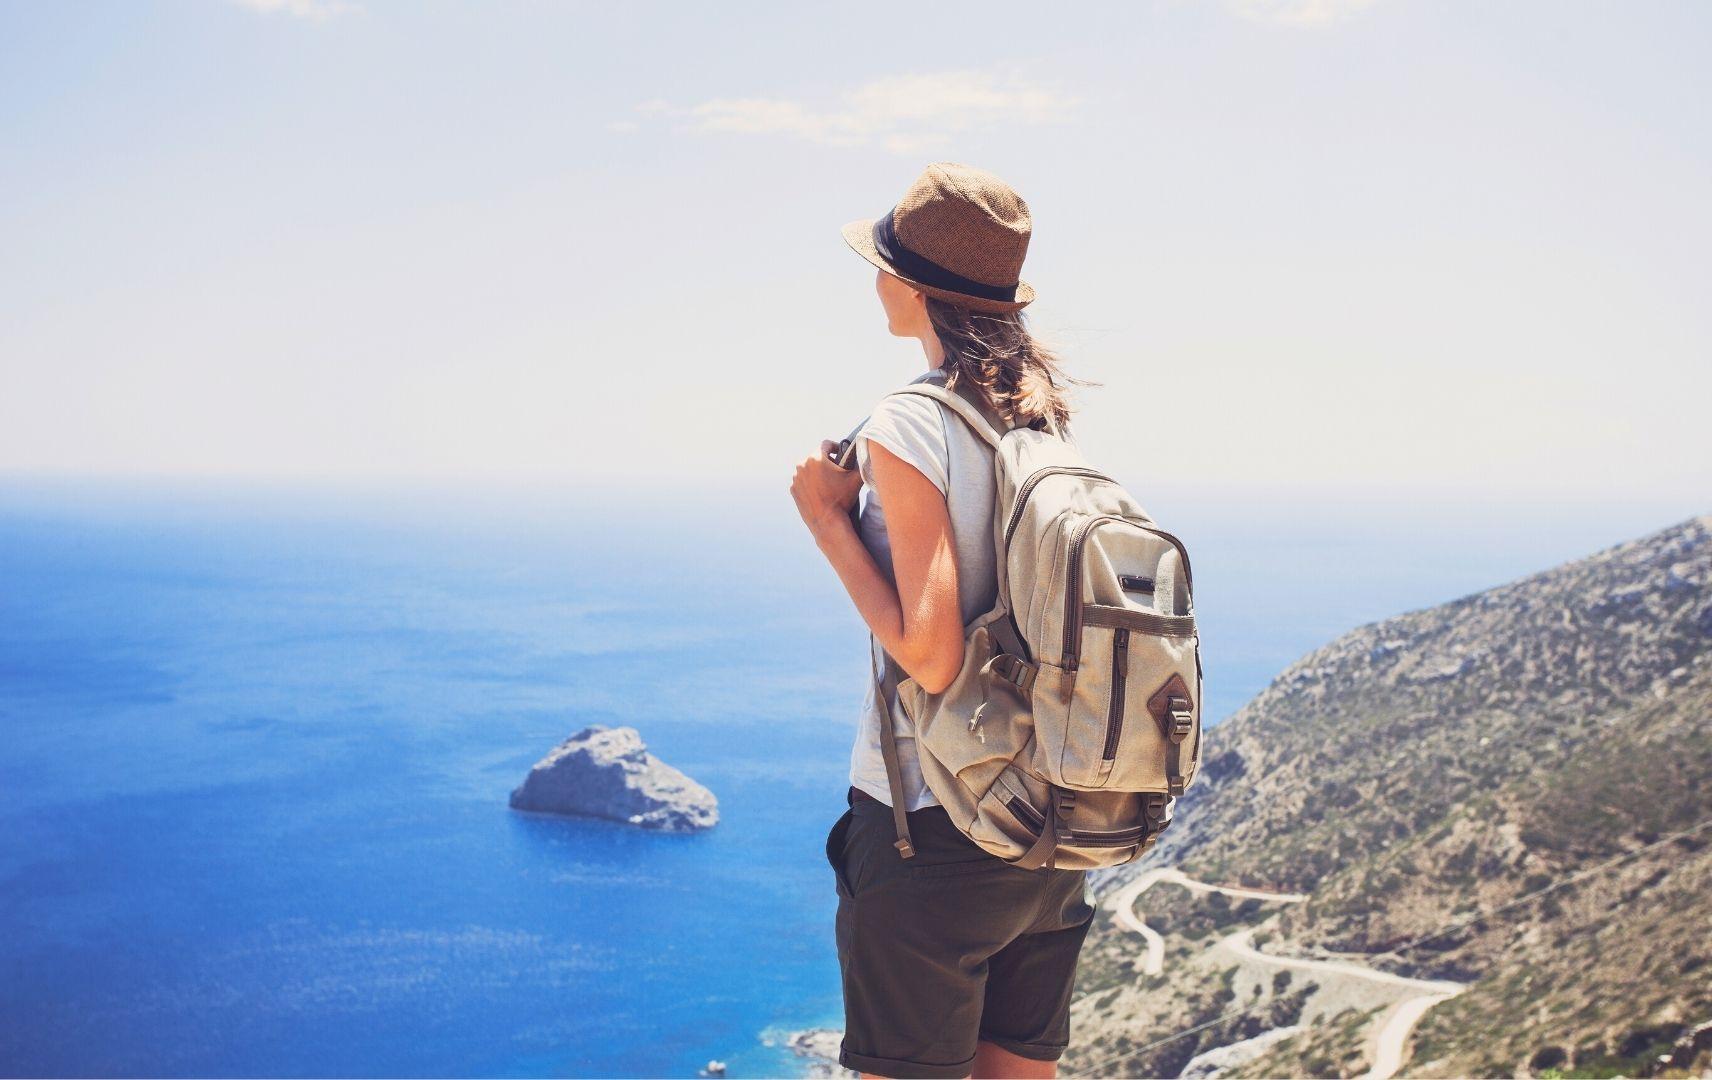 Frau mit Rucksack auf Berg